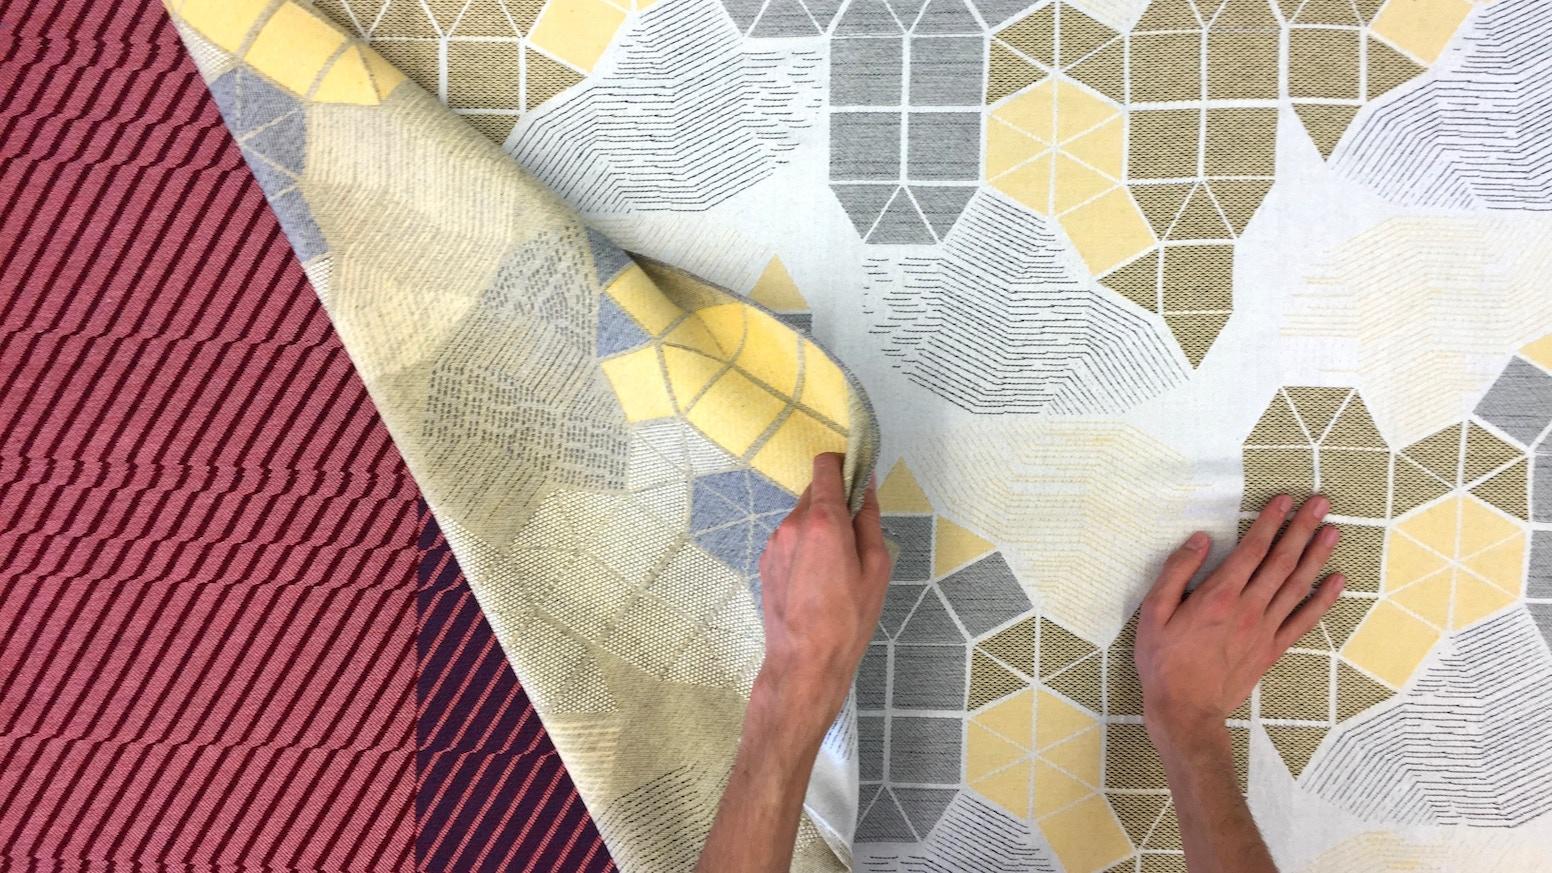 WOVNS: Woven Textiles on Demand by WOVNS — Kickstarter